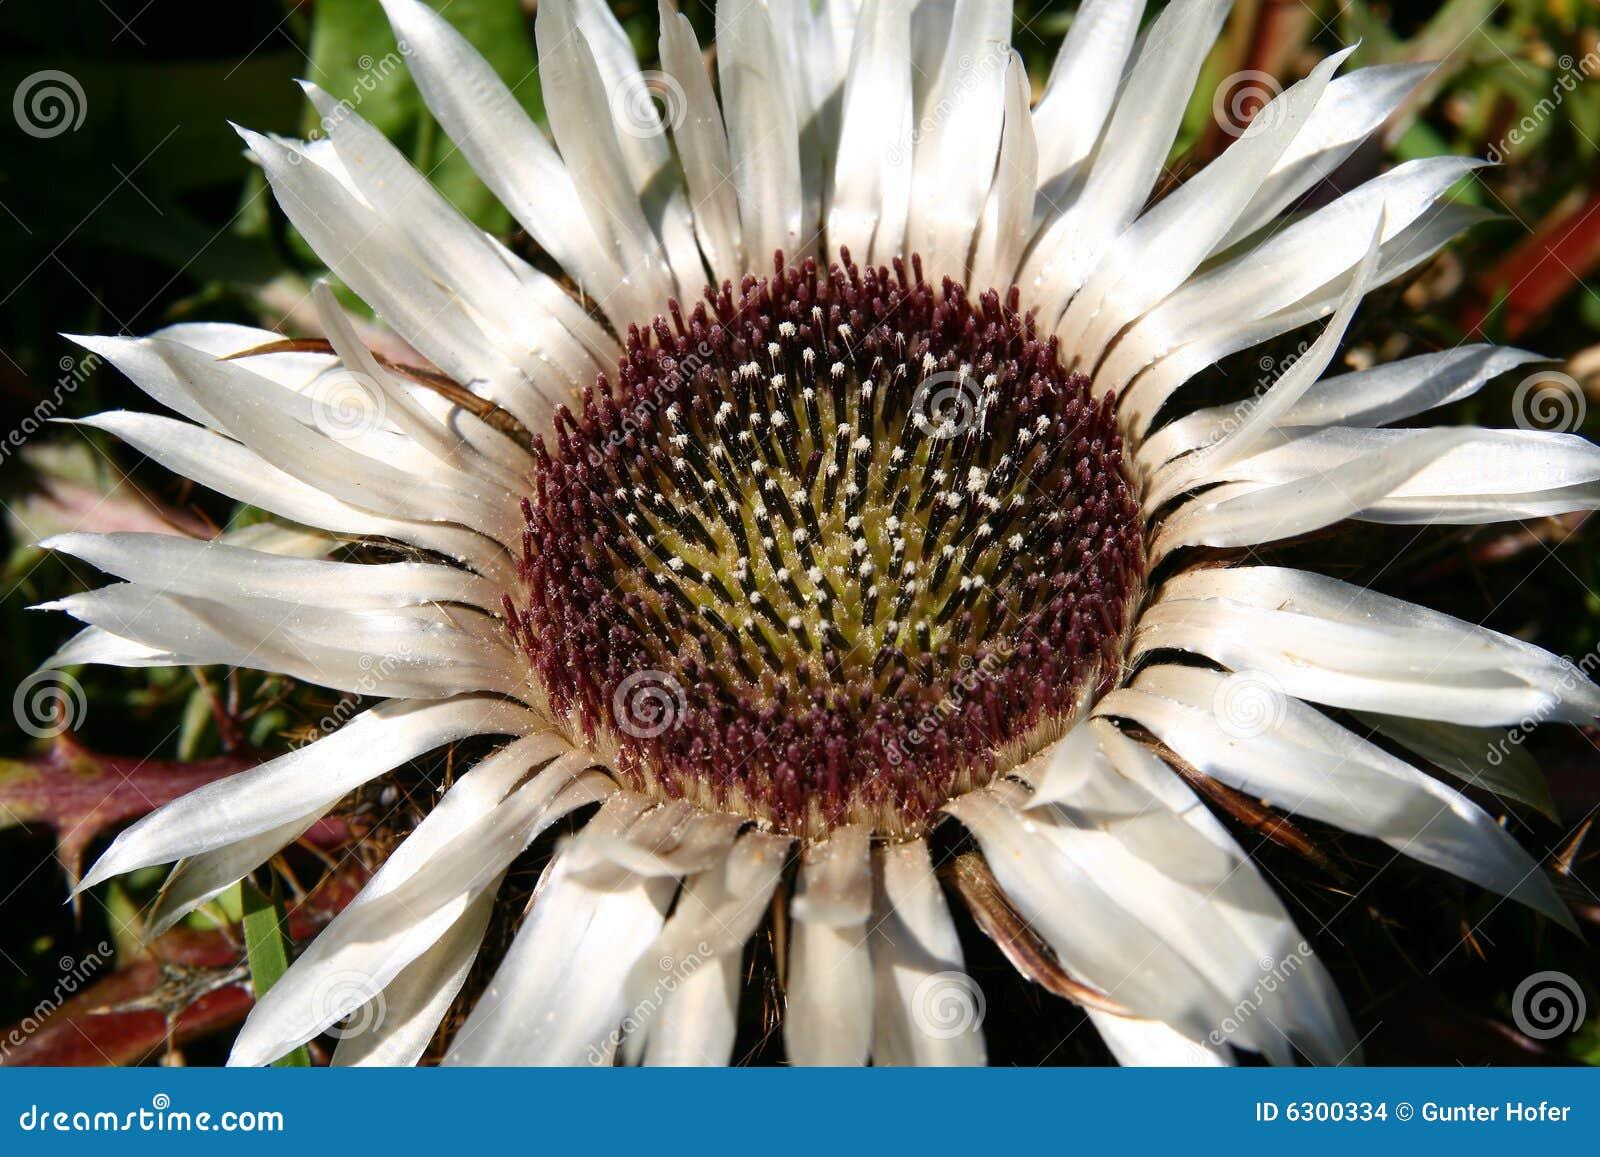 Bien-aimé Fiori rari fotografia stock. Immagine di montagne, fiore - 6300334 PO51